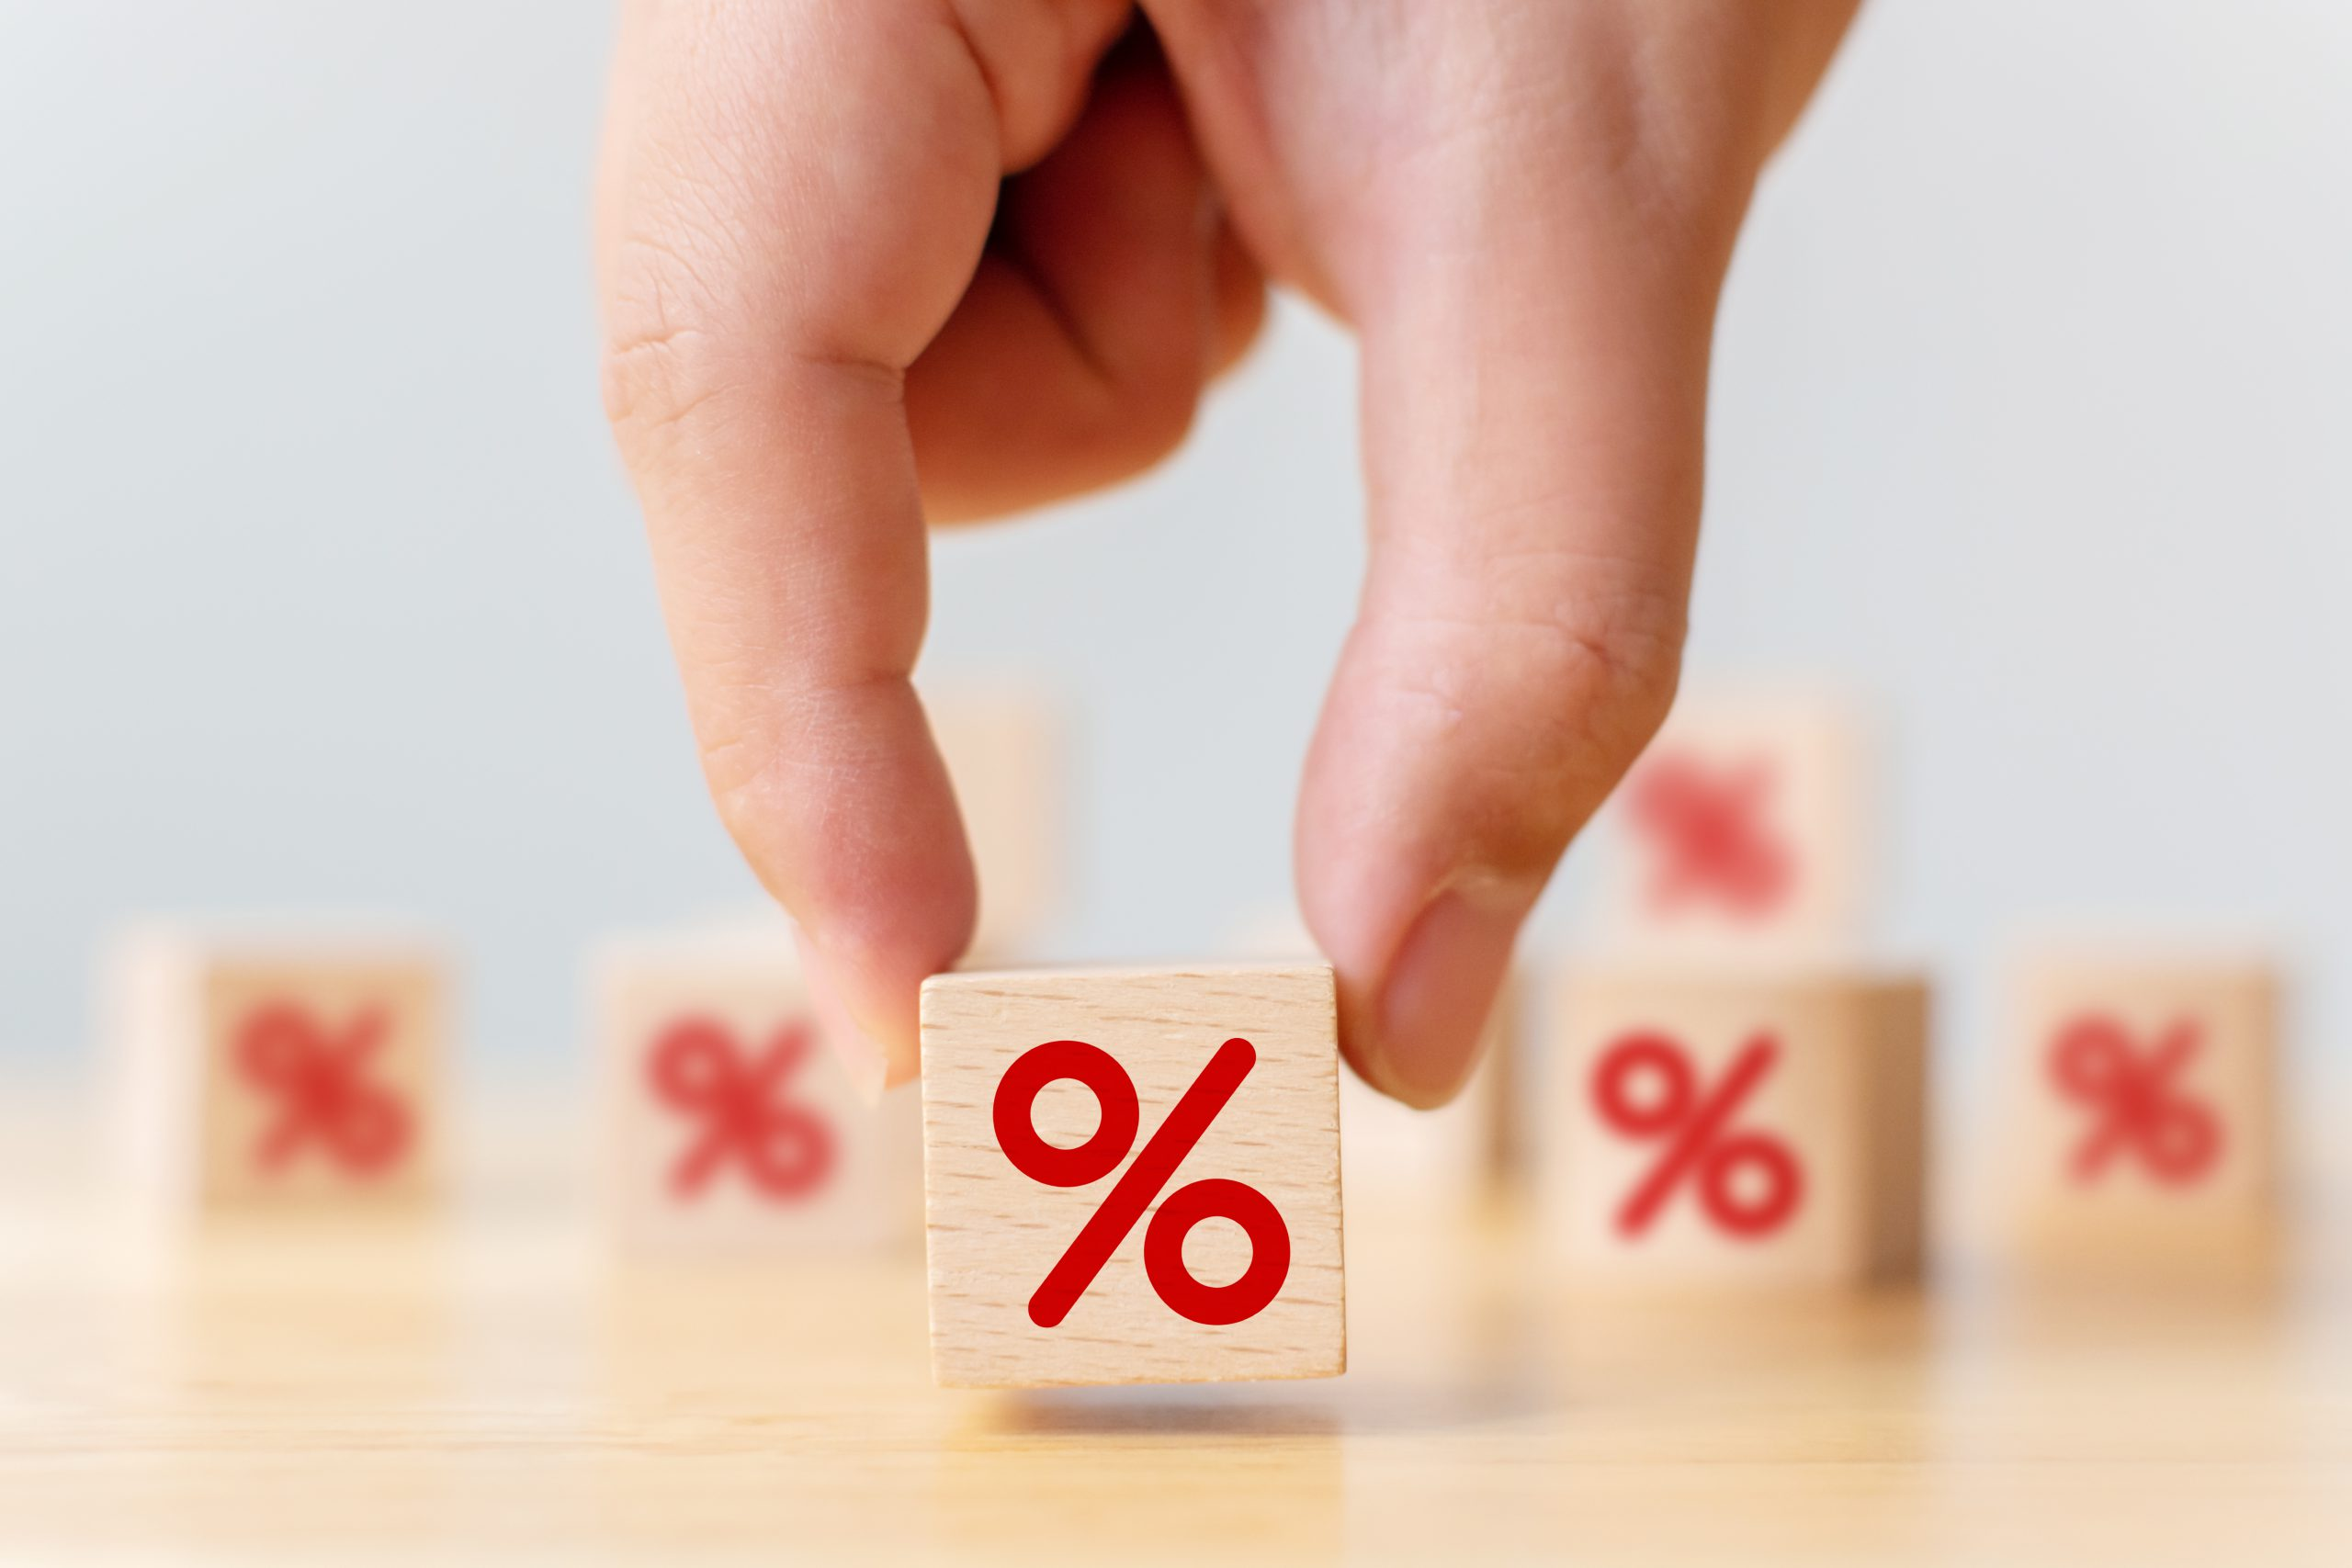 Wanneer kunt u wettelijke rente of wettelijke handelsrente claimen?